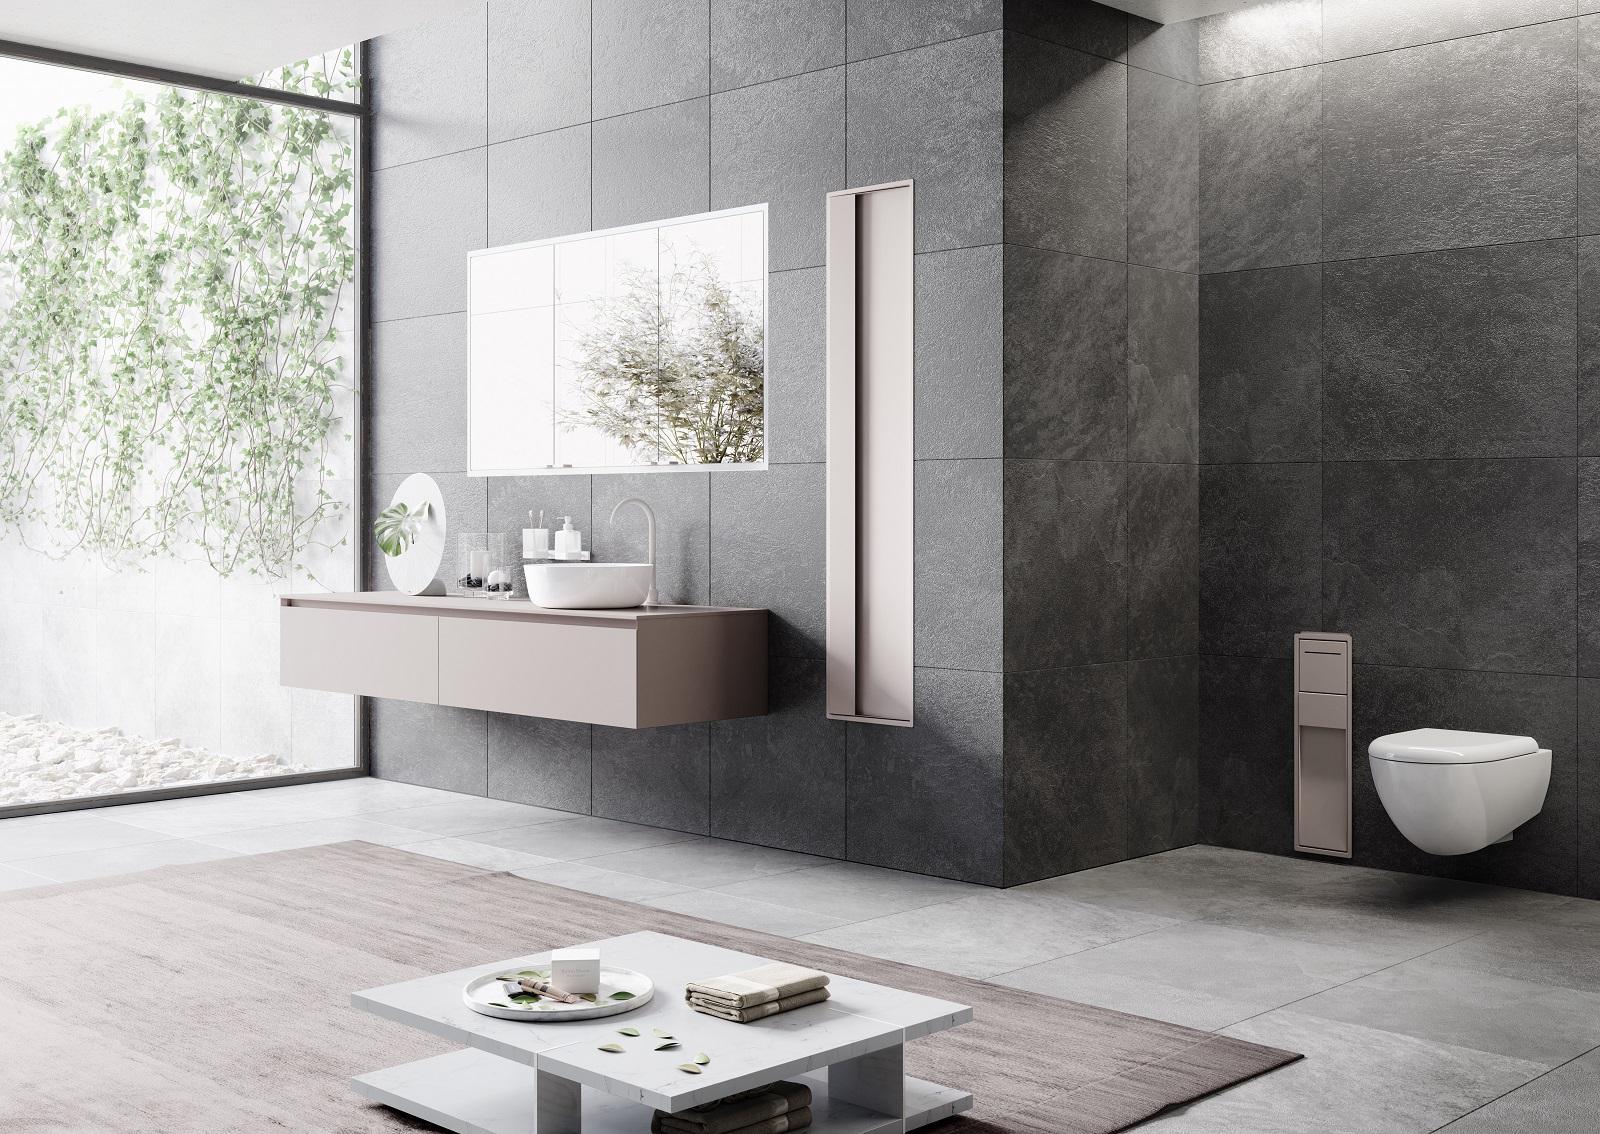 Mobili per il bagno al salone del bagno 2018 funzionali e - Mobili del bagno ...